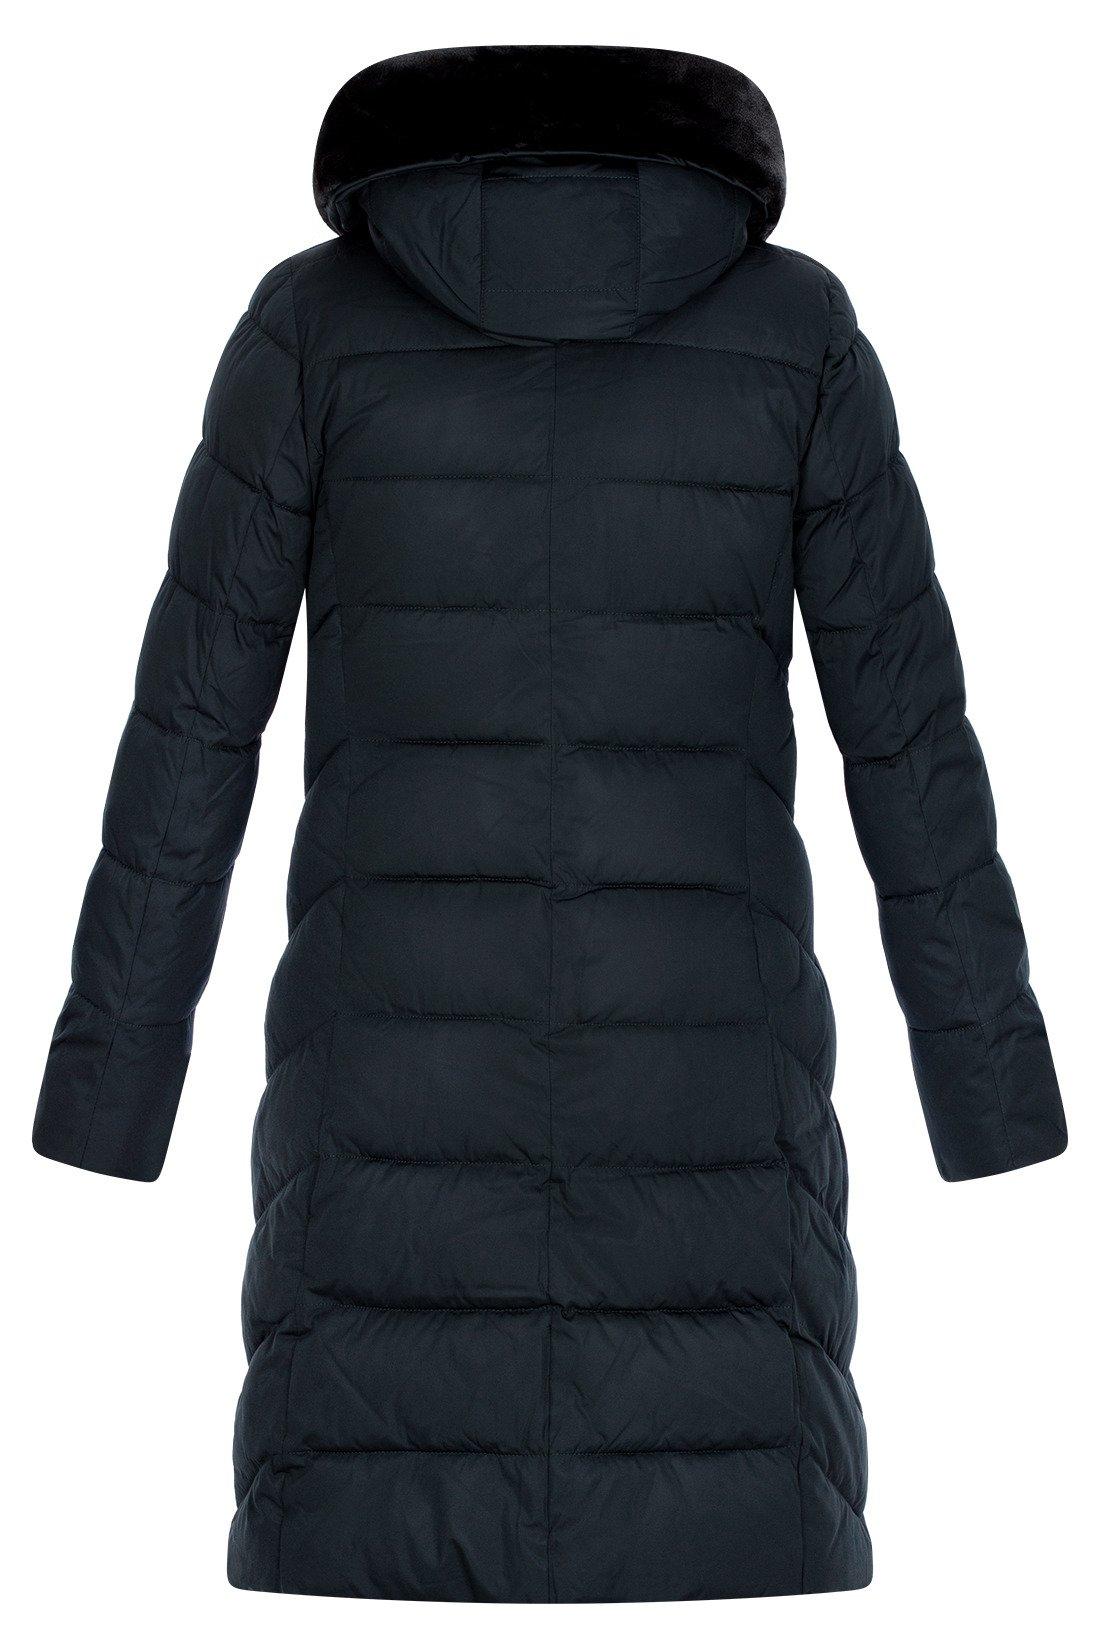 Kurtka damska zimowa płaszcz McKinley Wells r.M